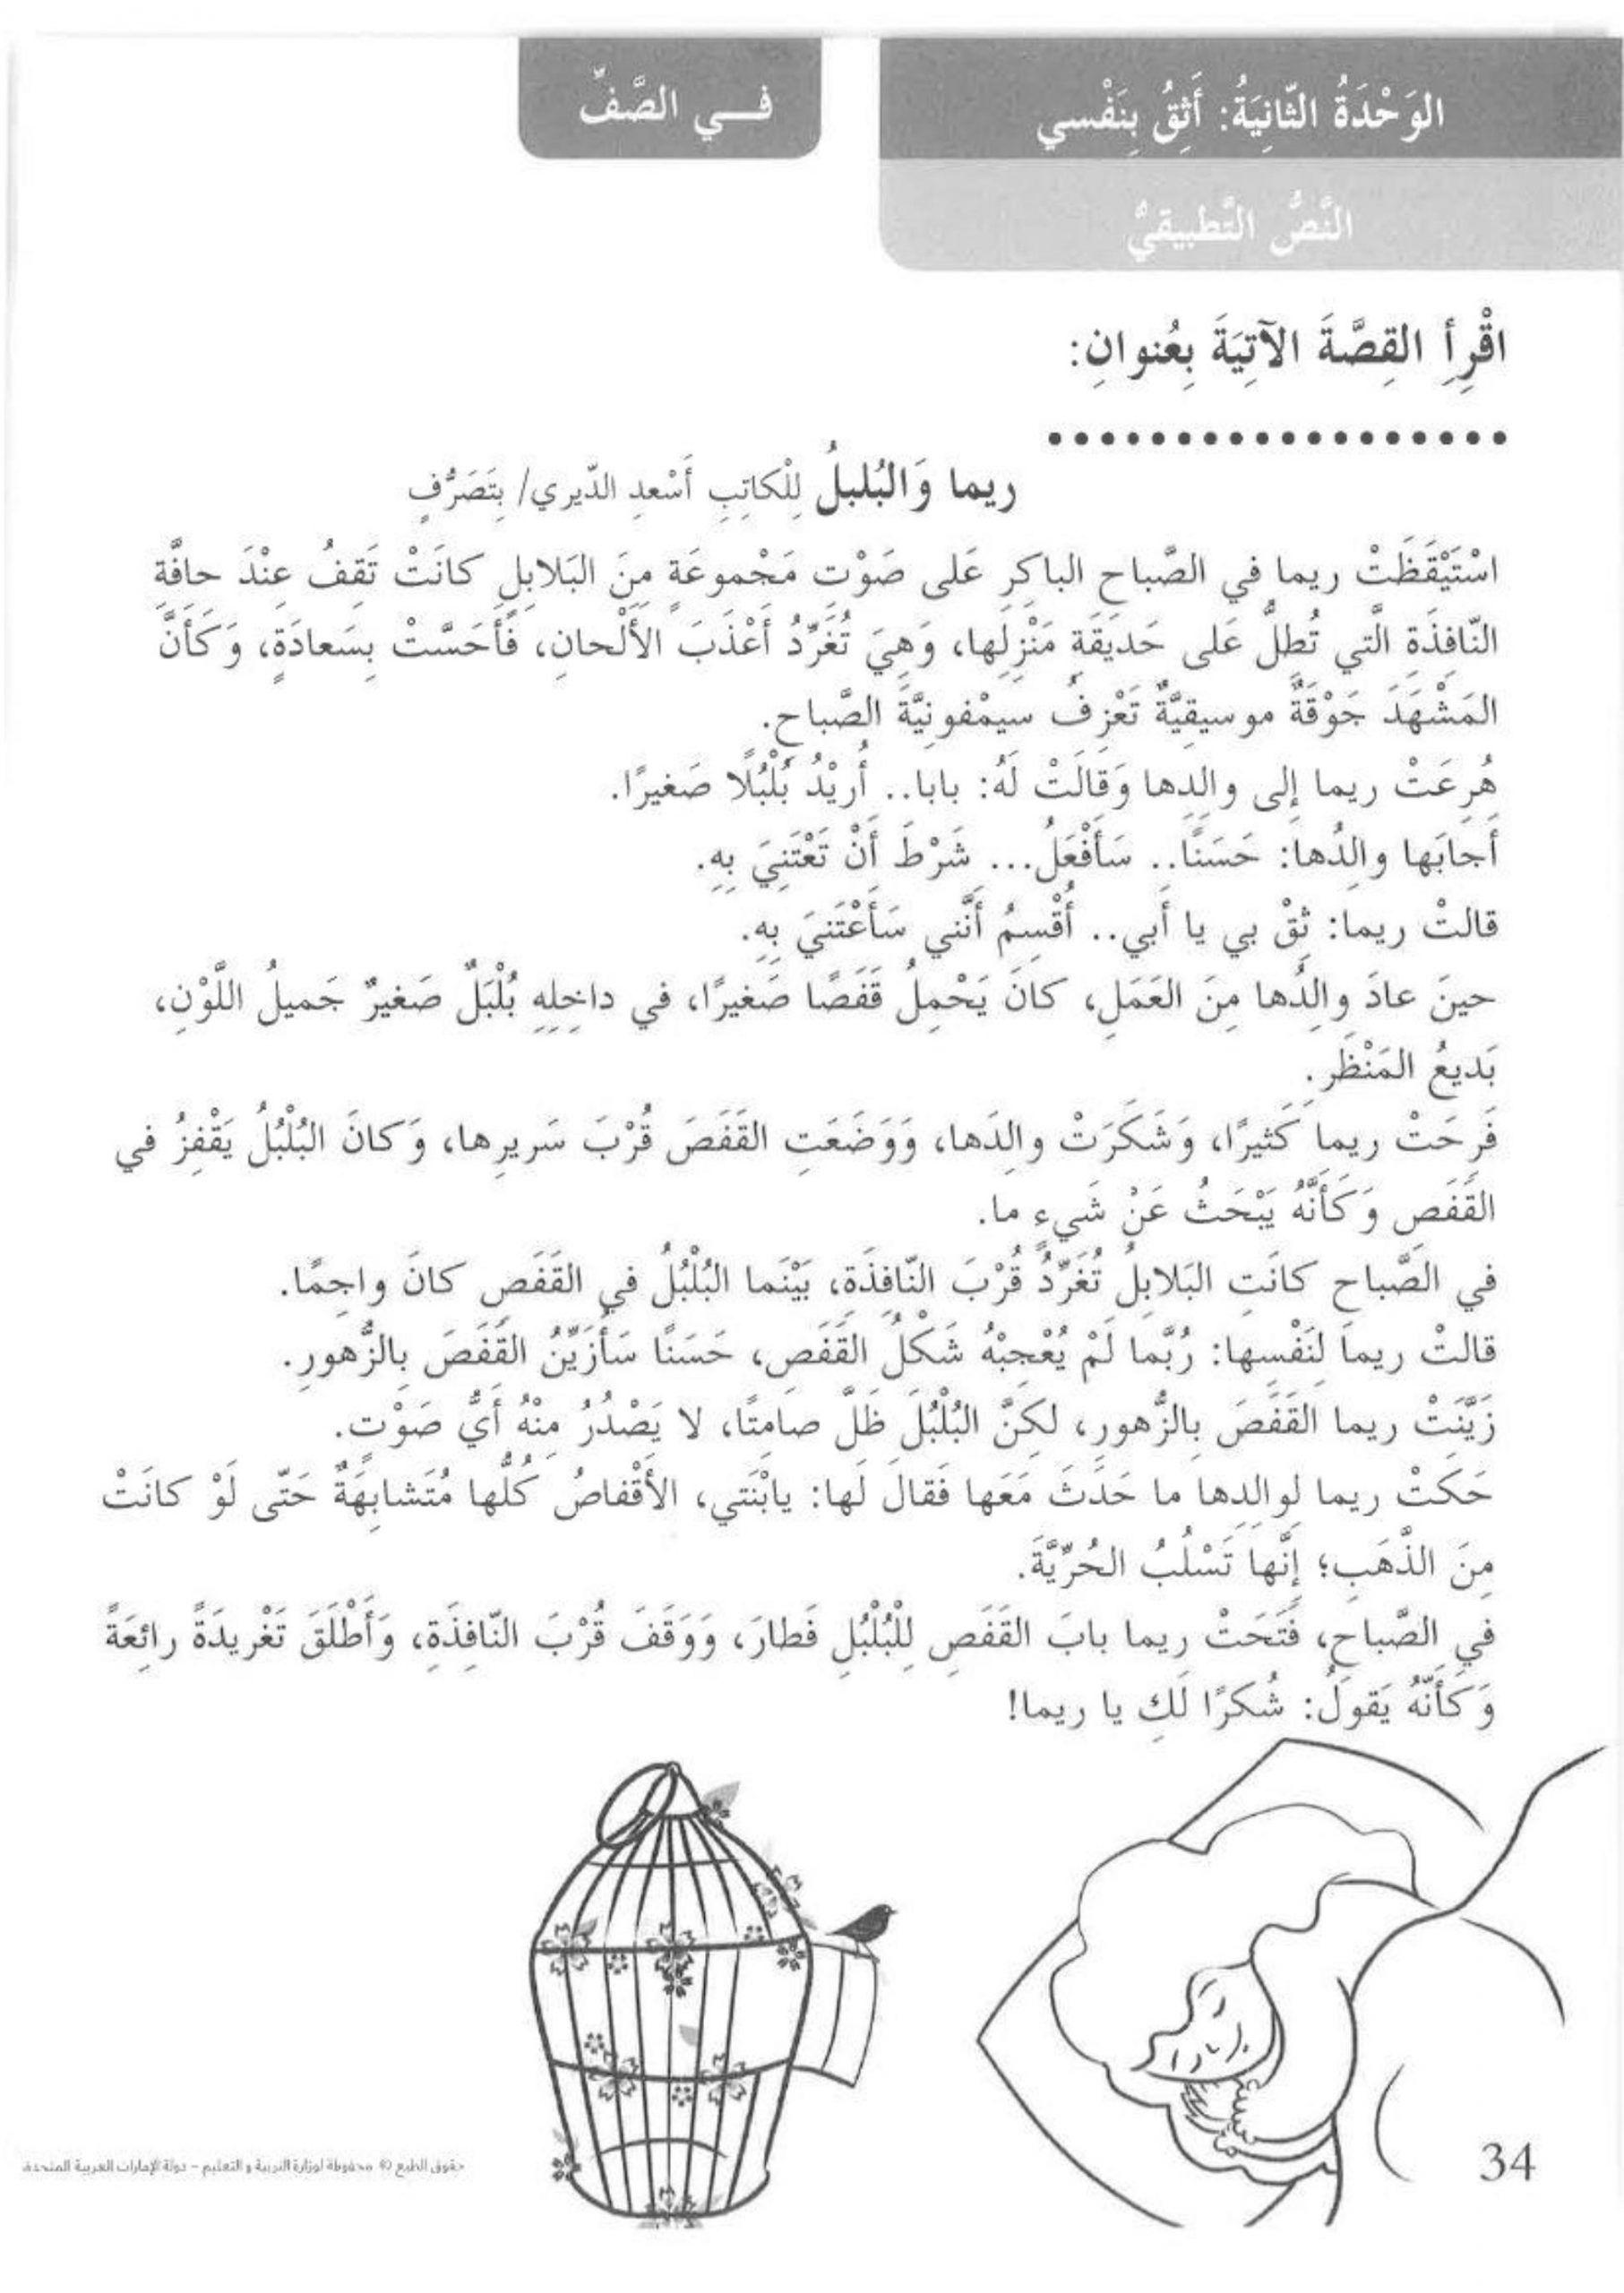 درس قصة ريما والبلبل مع الاجابات للصف الثالث مادة اللغة العربية Lettering Hand Lettering Ecard Meme